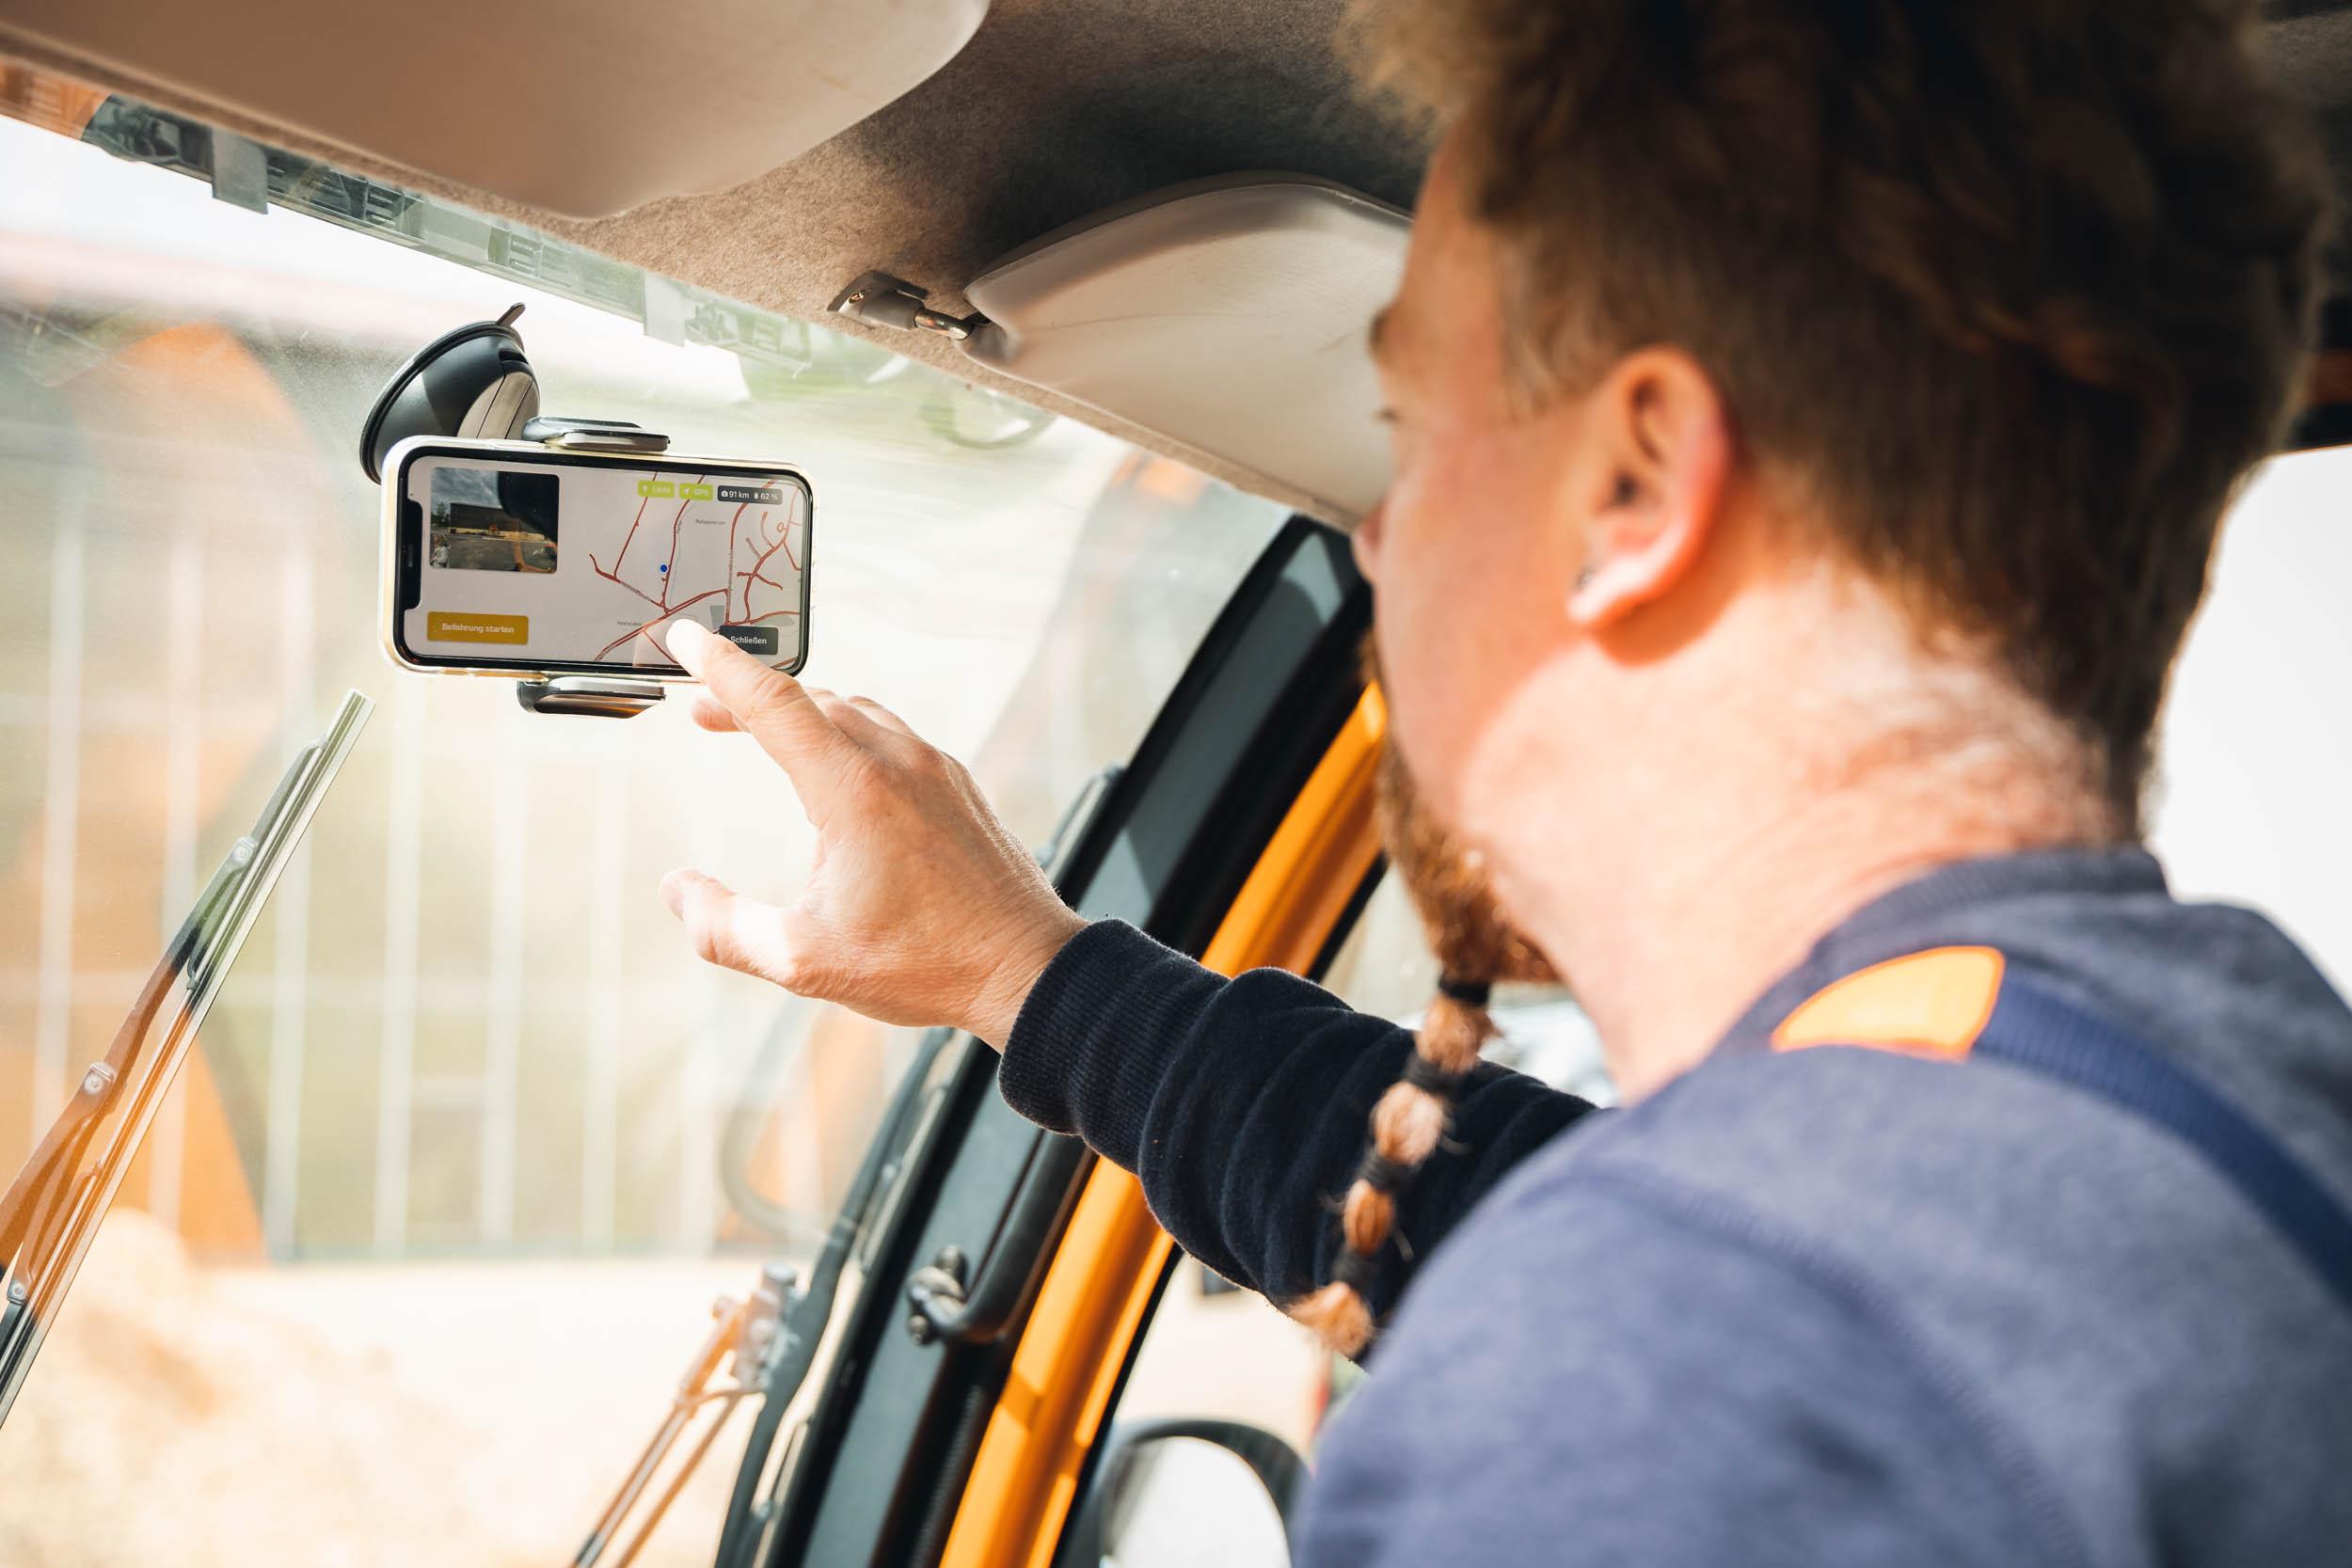 Mann klickt auf Smartphone